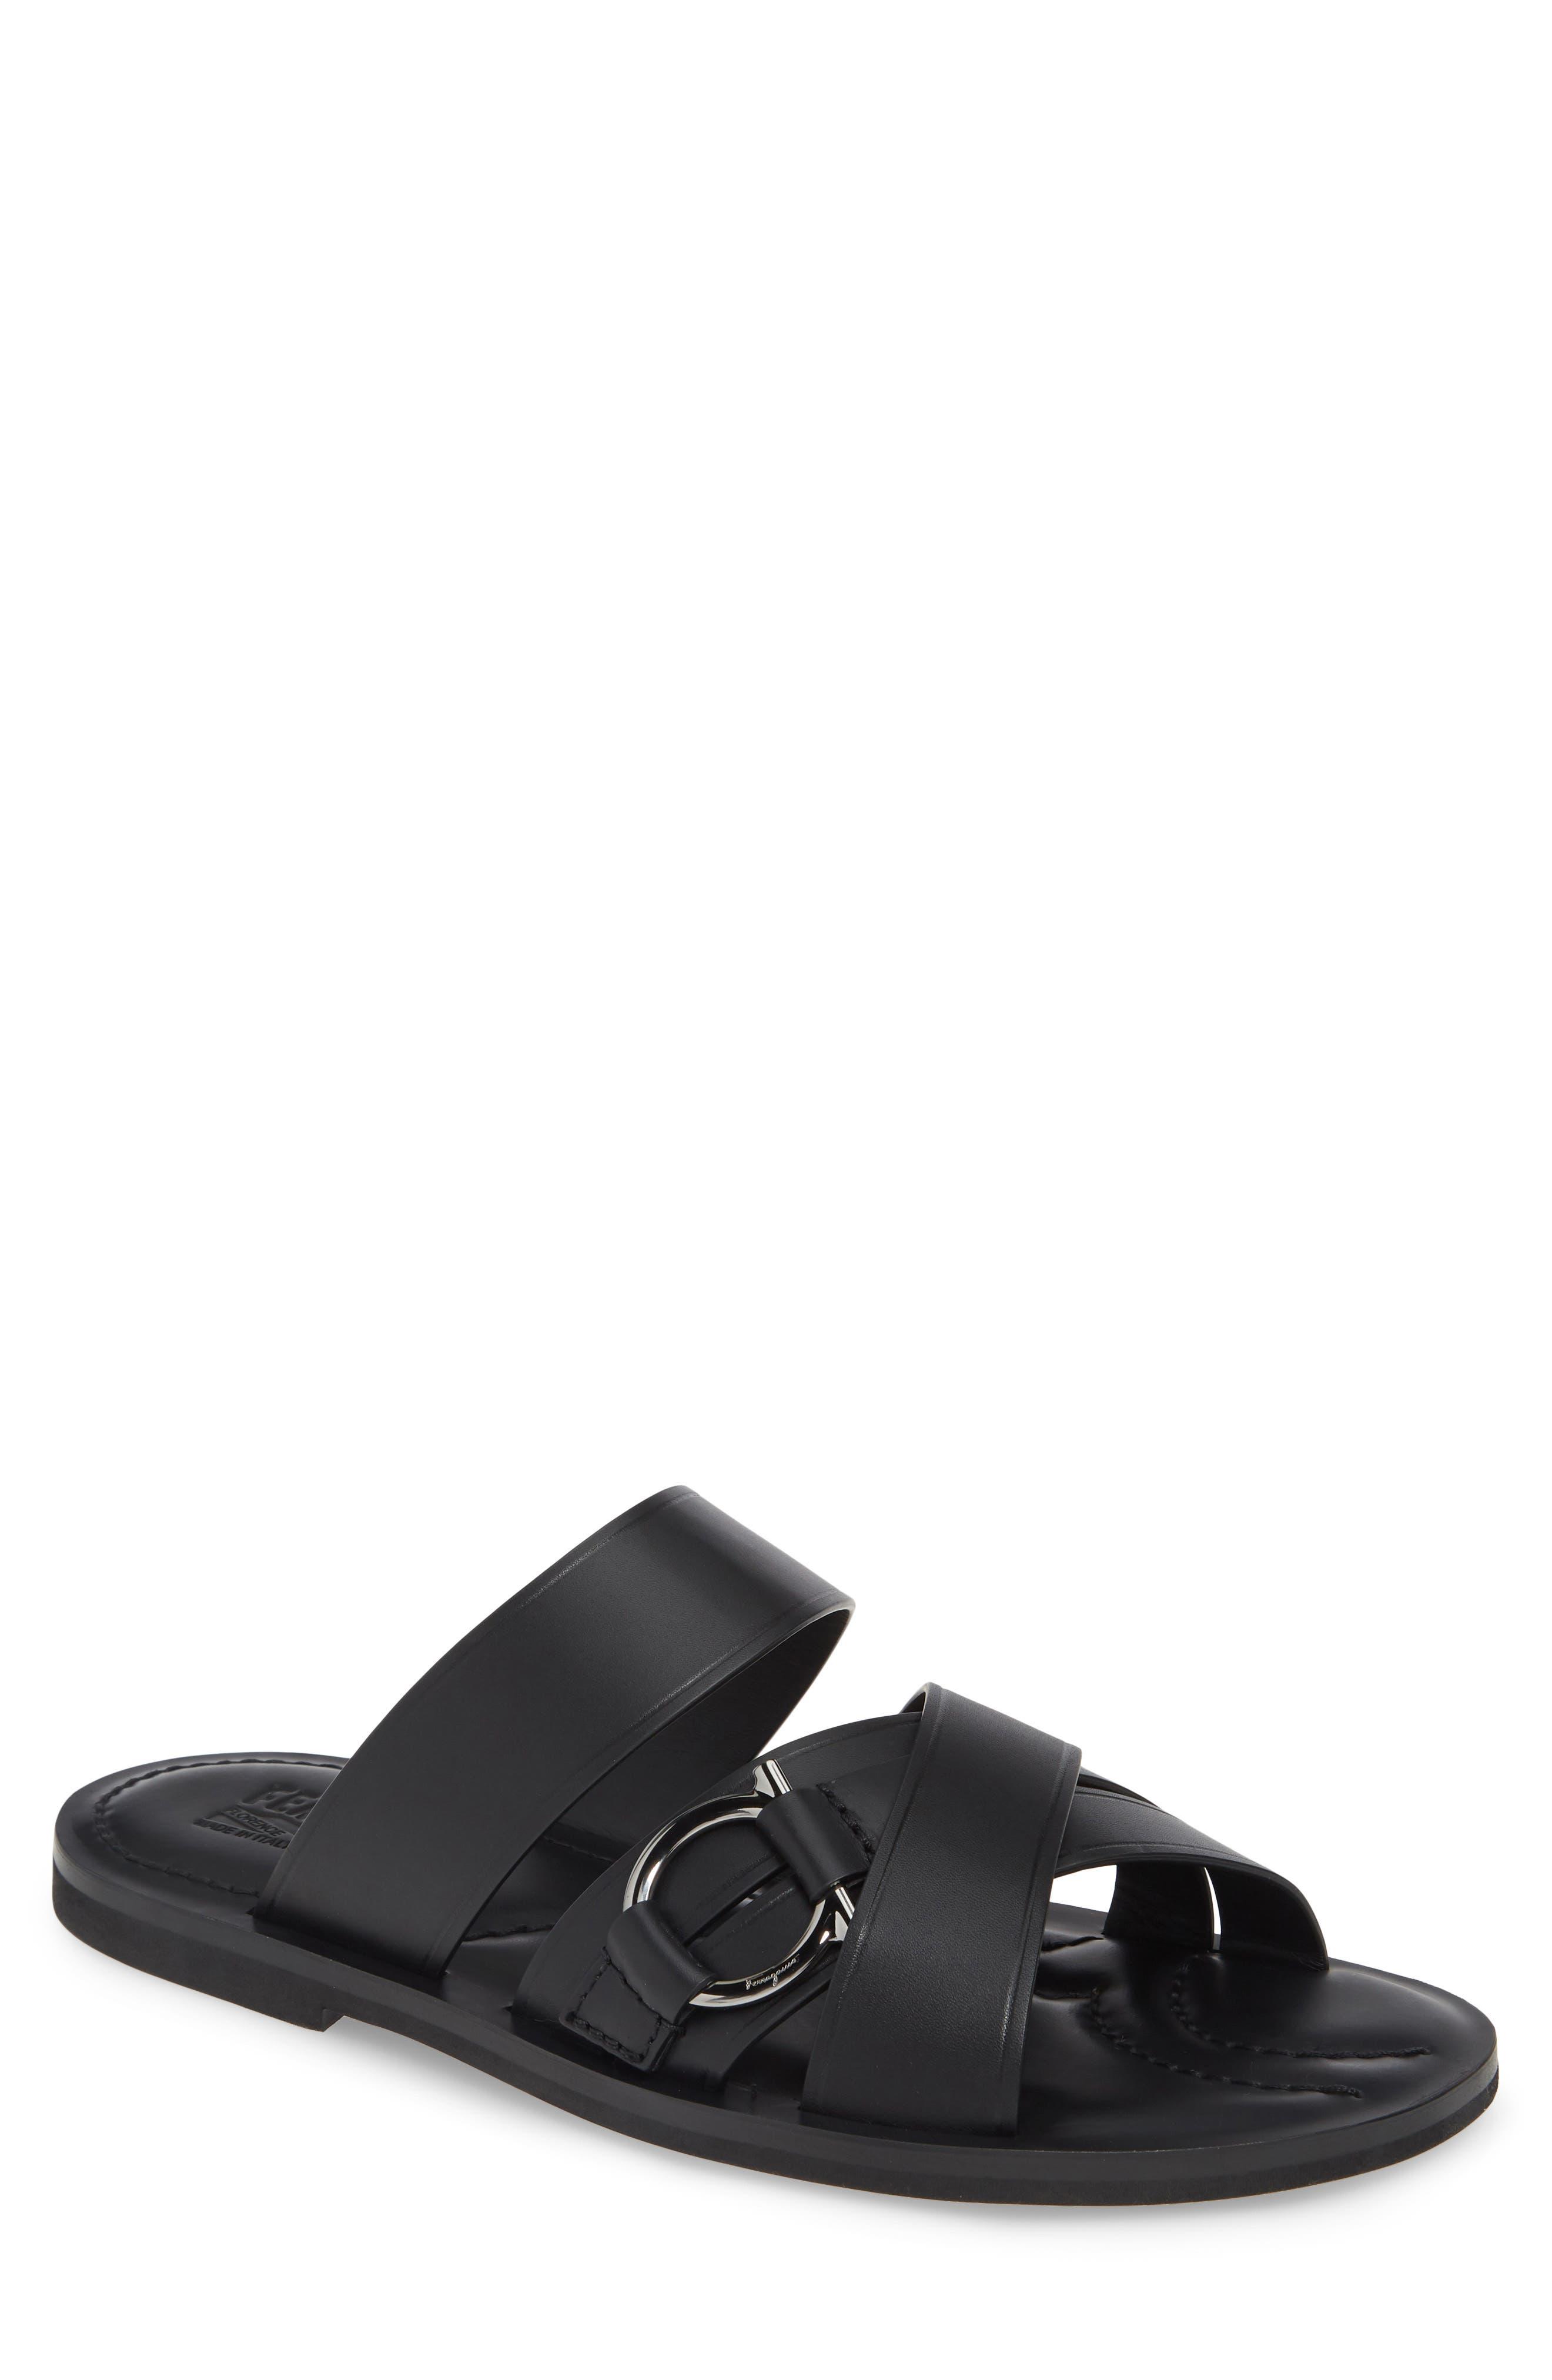 Men's Salvatore Ferragamo Sandals